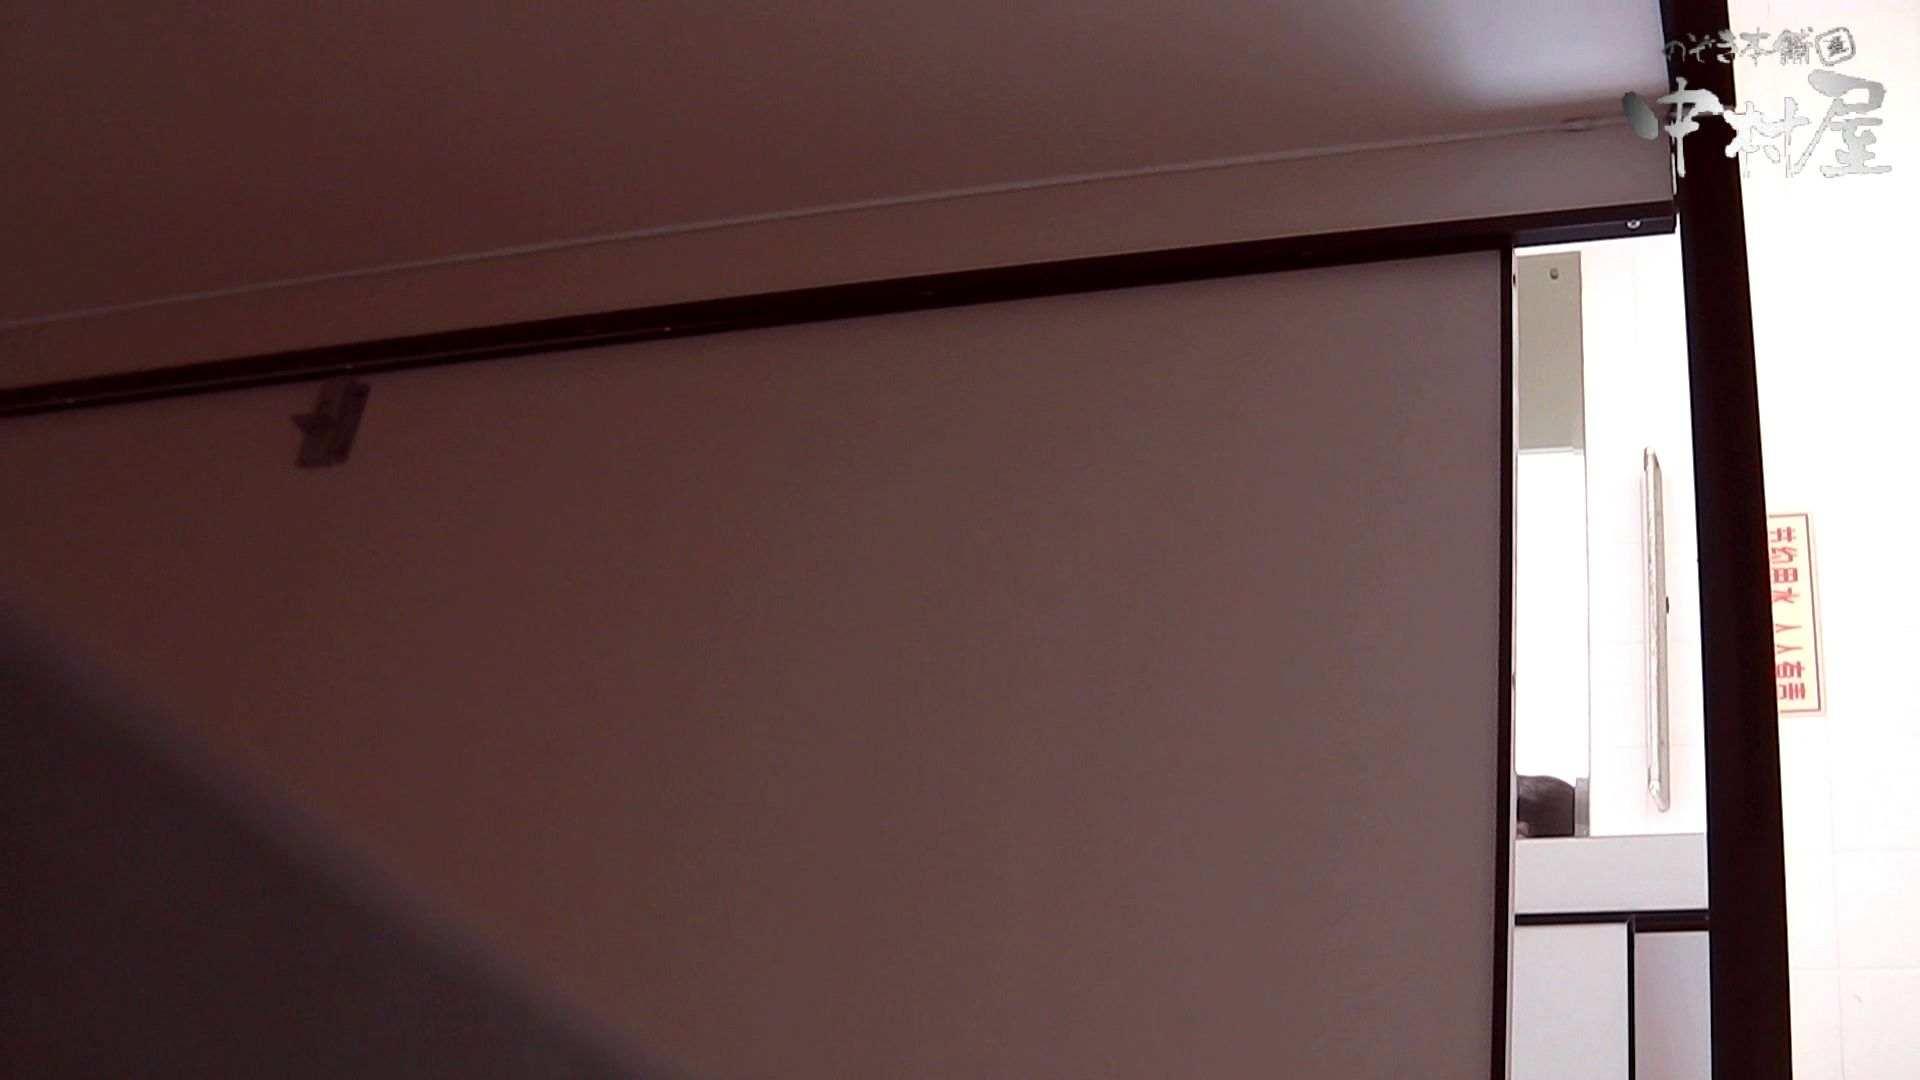 【世界の射窓から】世界の射窓から vol.5後編 美しいOLの裸体 | 洗面所突入  76pic 67